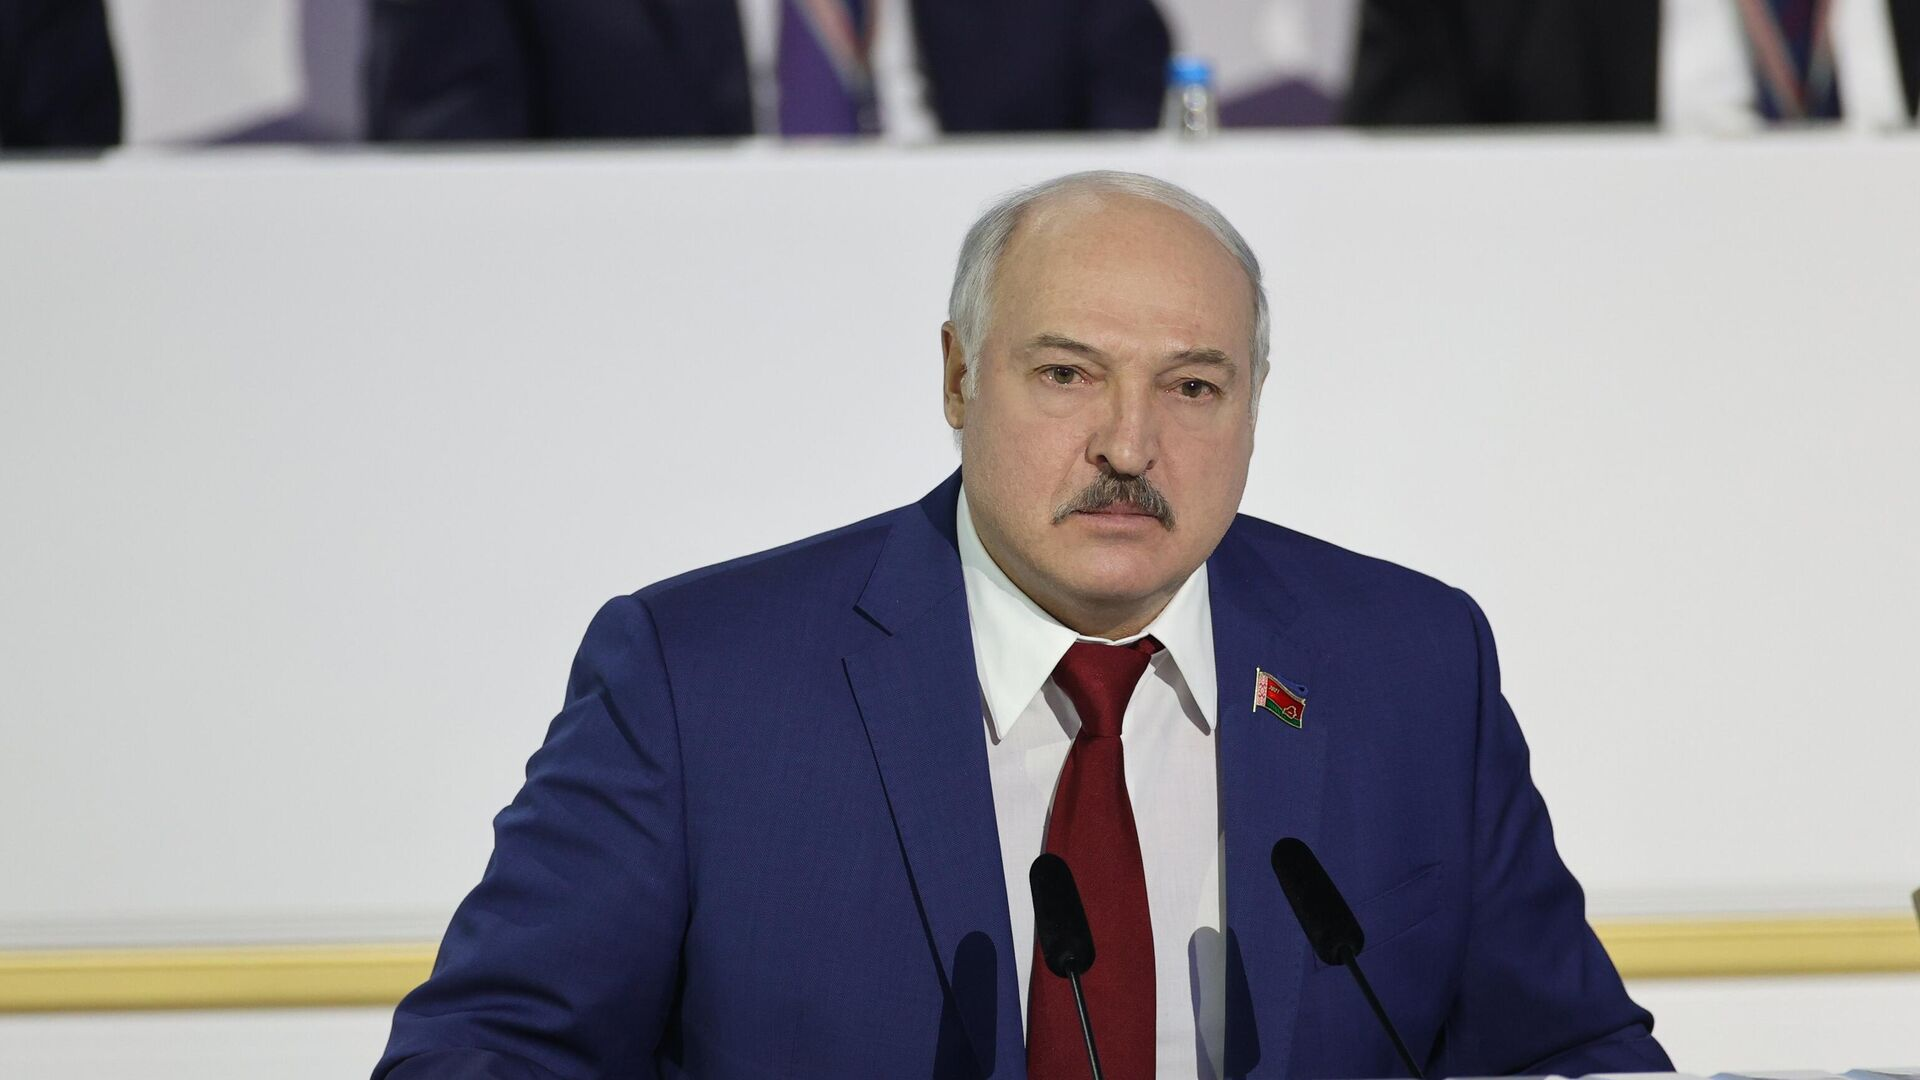 Президент Белоруссии Александр Лукашенко выступает на VI Всебелорусском народном собрании - РИА Новости, 1920, 12.02.2021